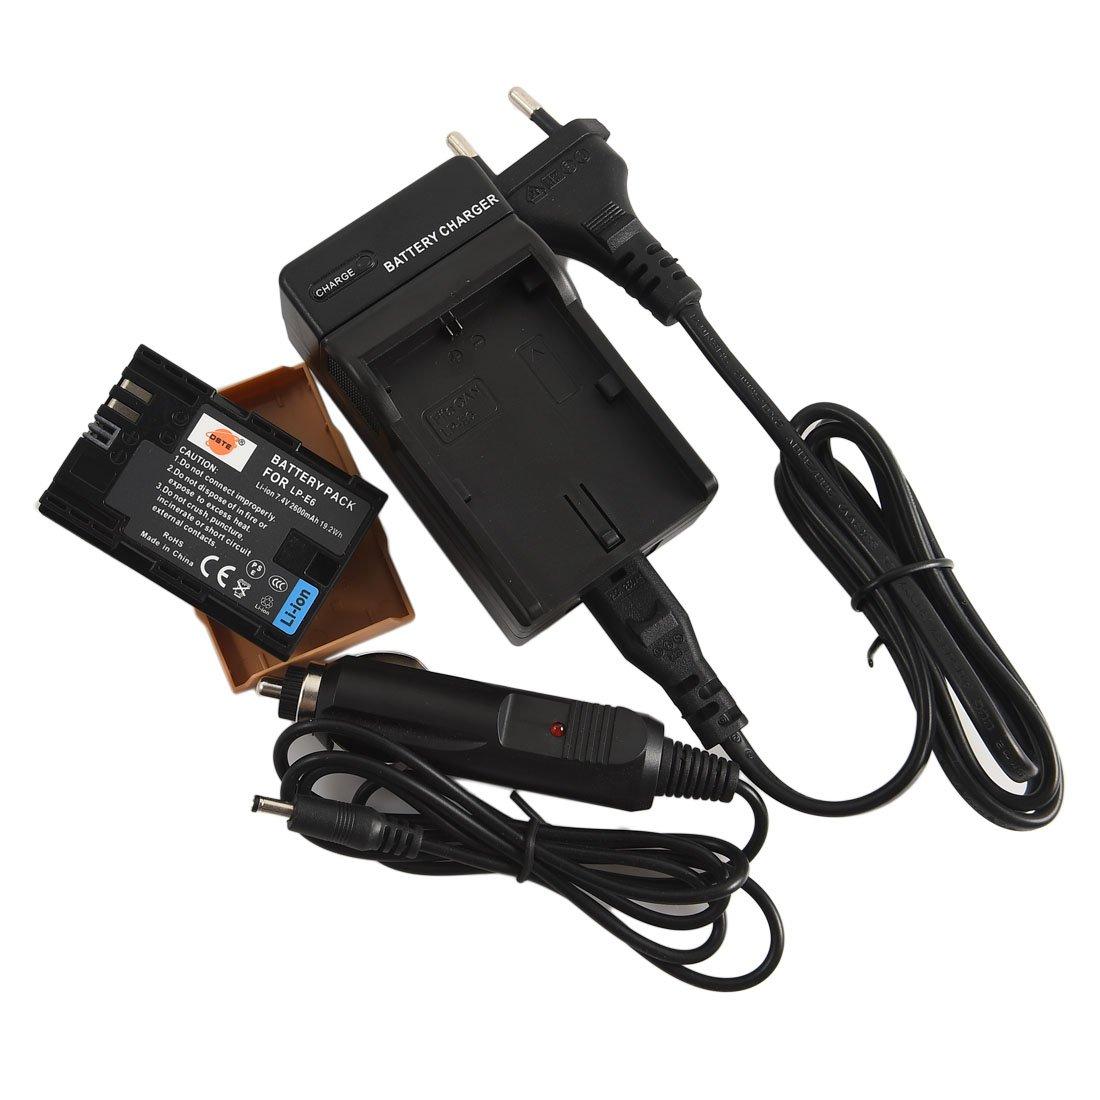 DSTE Repuesto Batería y DC88E Viaje Cargador kit para Canon LP-E6 EOS 5D Mark II/EOS 5D Mark III EOS 5DS 5DS R Eos 6D Eos 7D Eos 60D Eos 60Da EOS 70D